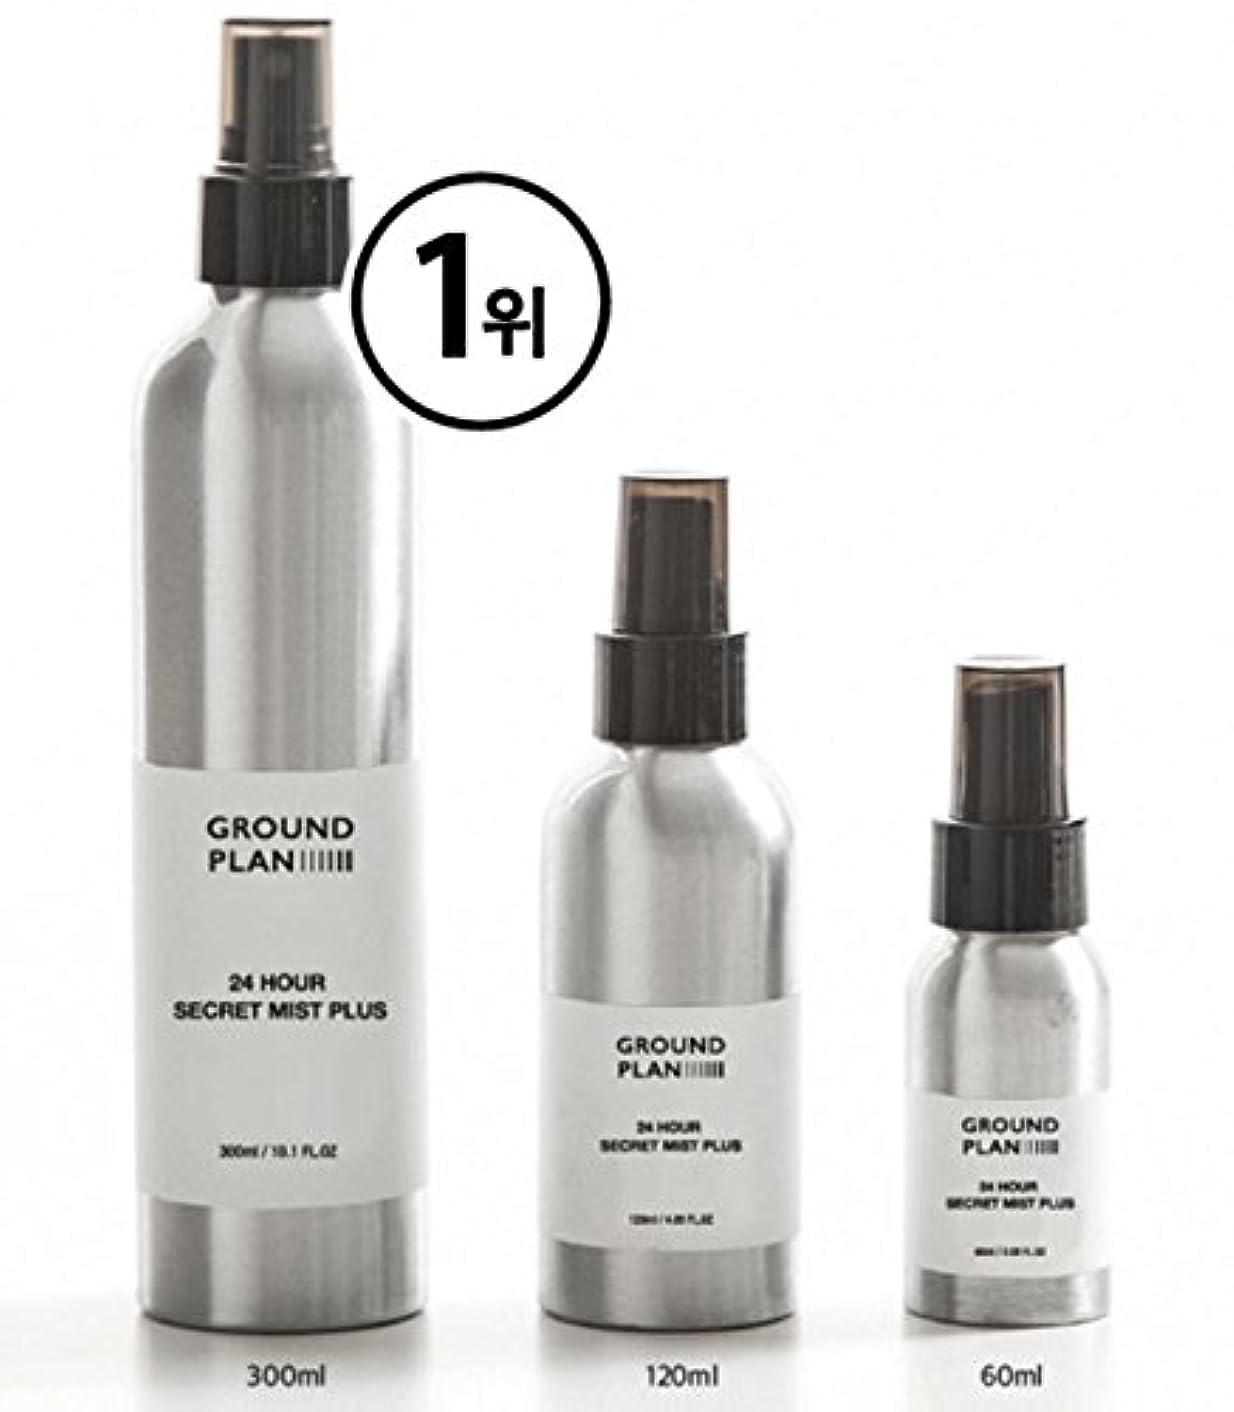 危険にさらされている新年ロック解除[グラウンド?プラン] 24Hour 秘密 スキンミスト Plus (120ml) (300ml) Ground plan 24 Hour Secret Skin Mist Plus [海外直送品] (300ml)